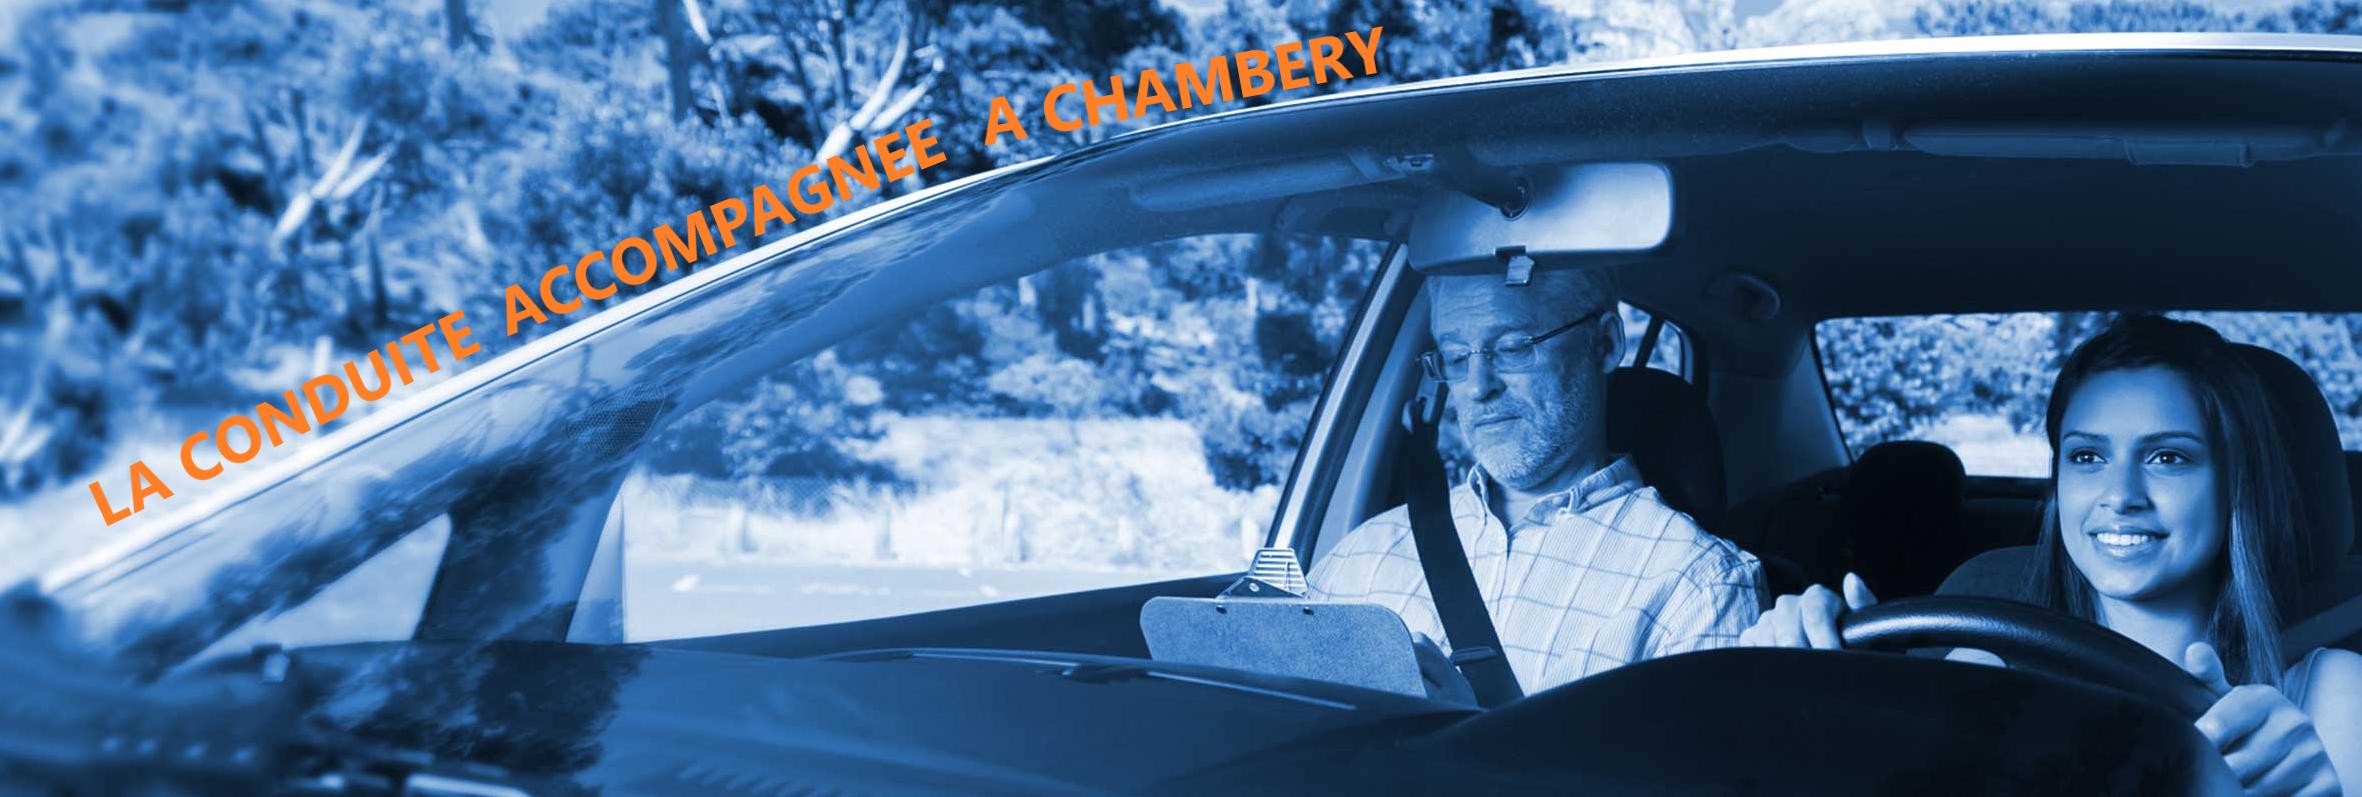 Passer son permis en conduite accompagnée à Chambéry - l' auto ecole Drive Innov vous dit tout